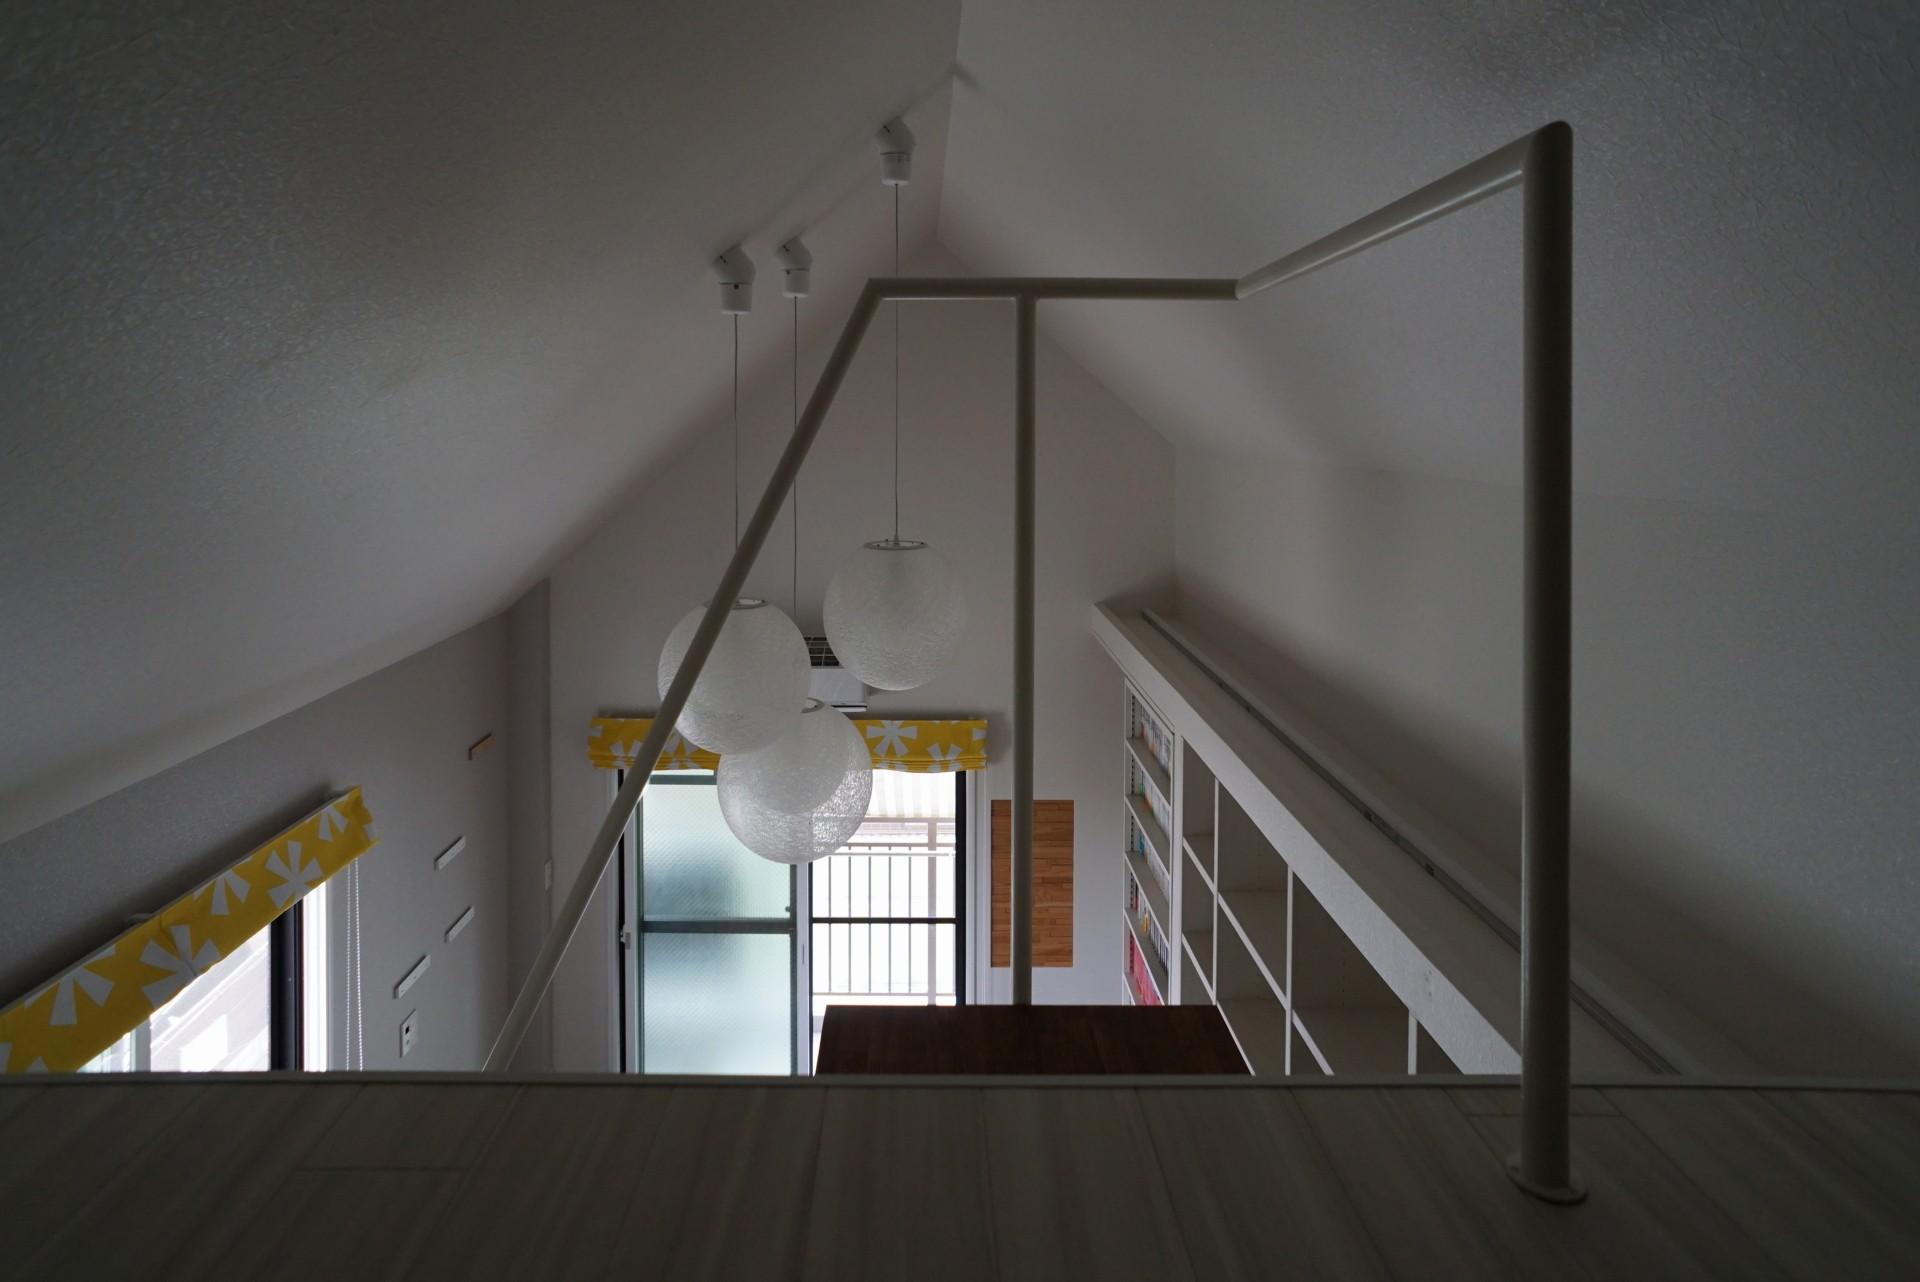 その他事例:ロフト階段(ロフトへのトラス階段をつくる計画)